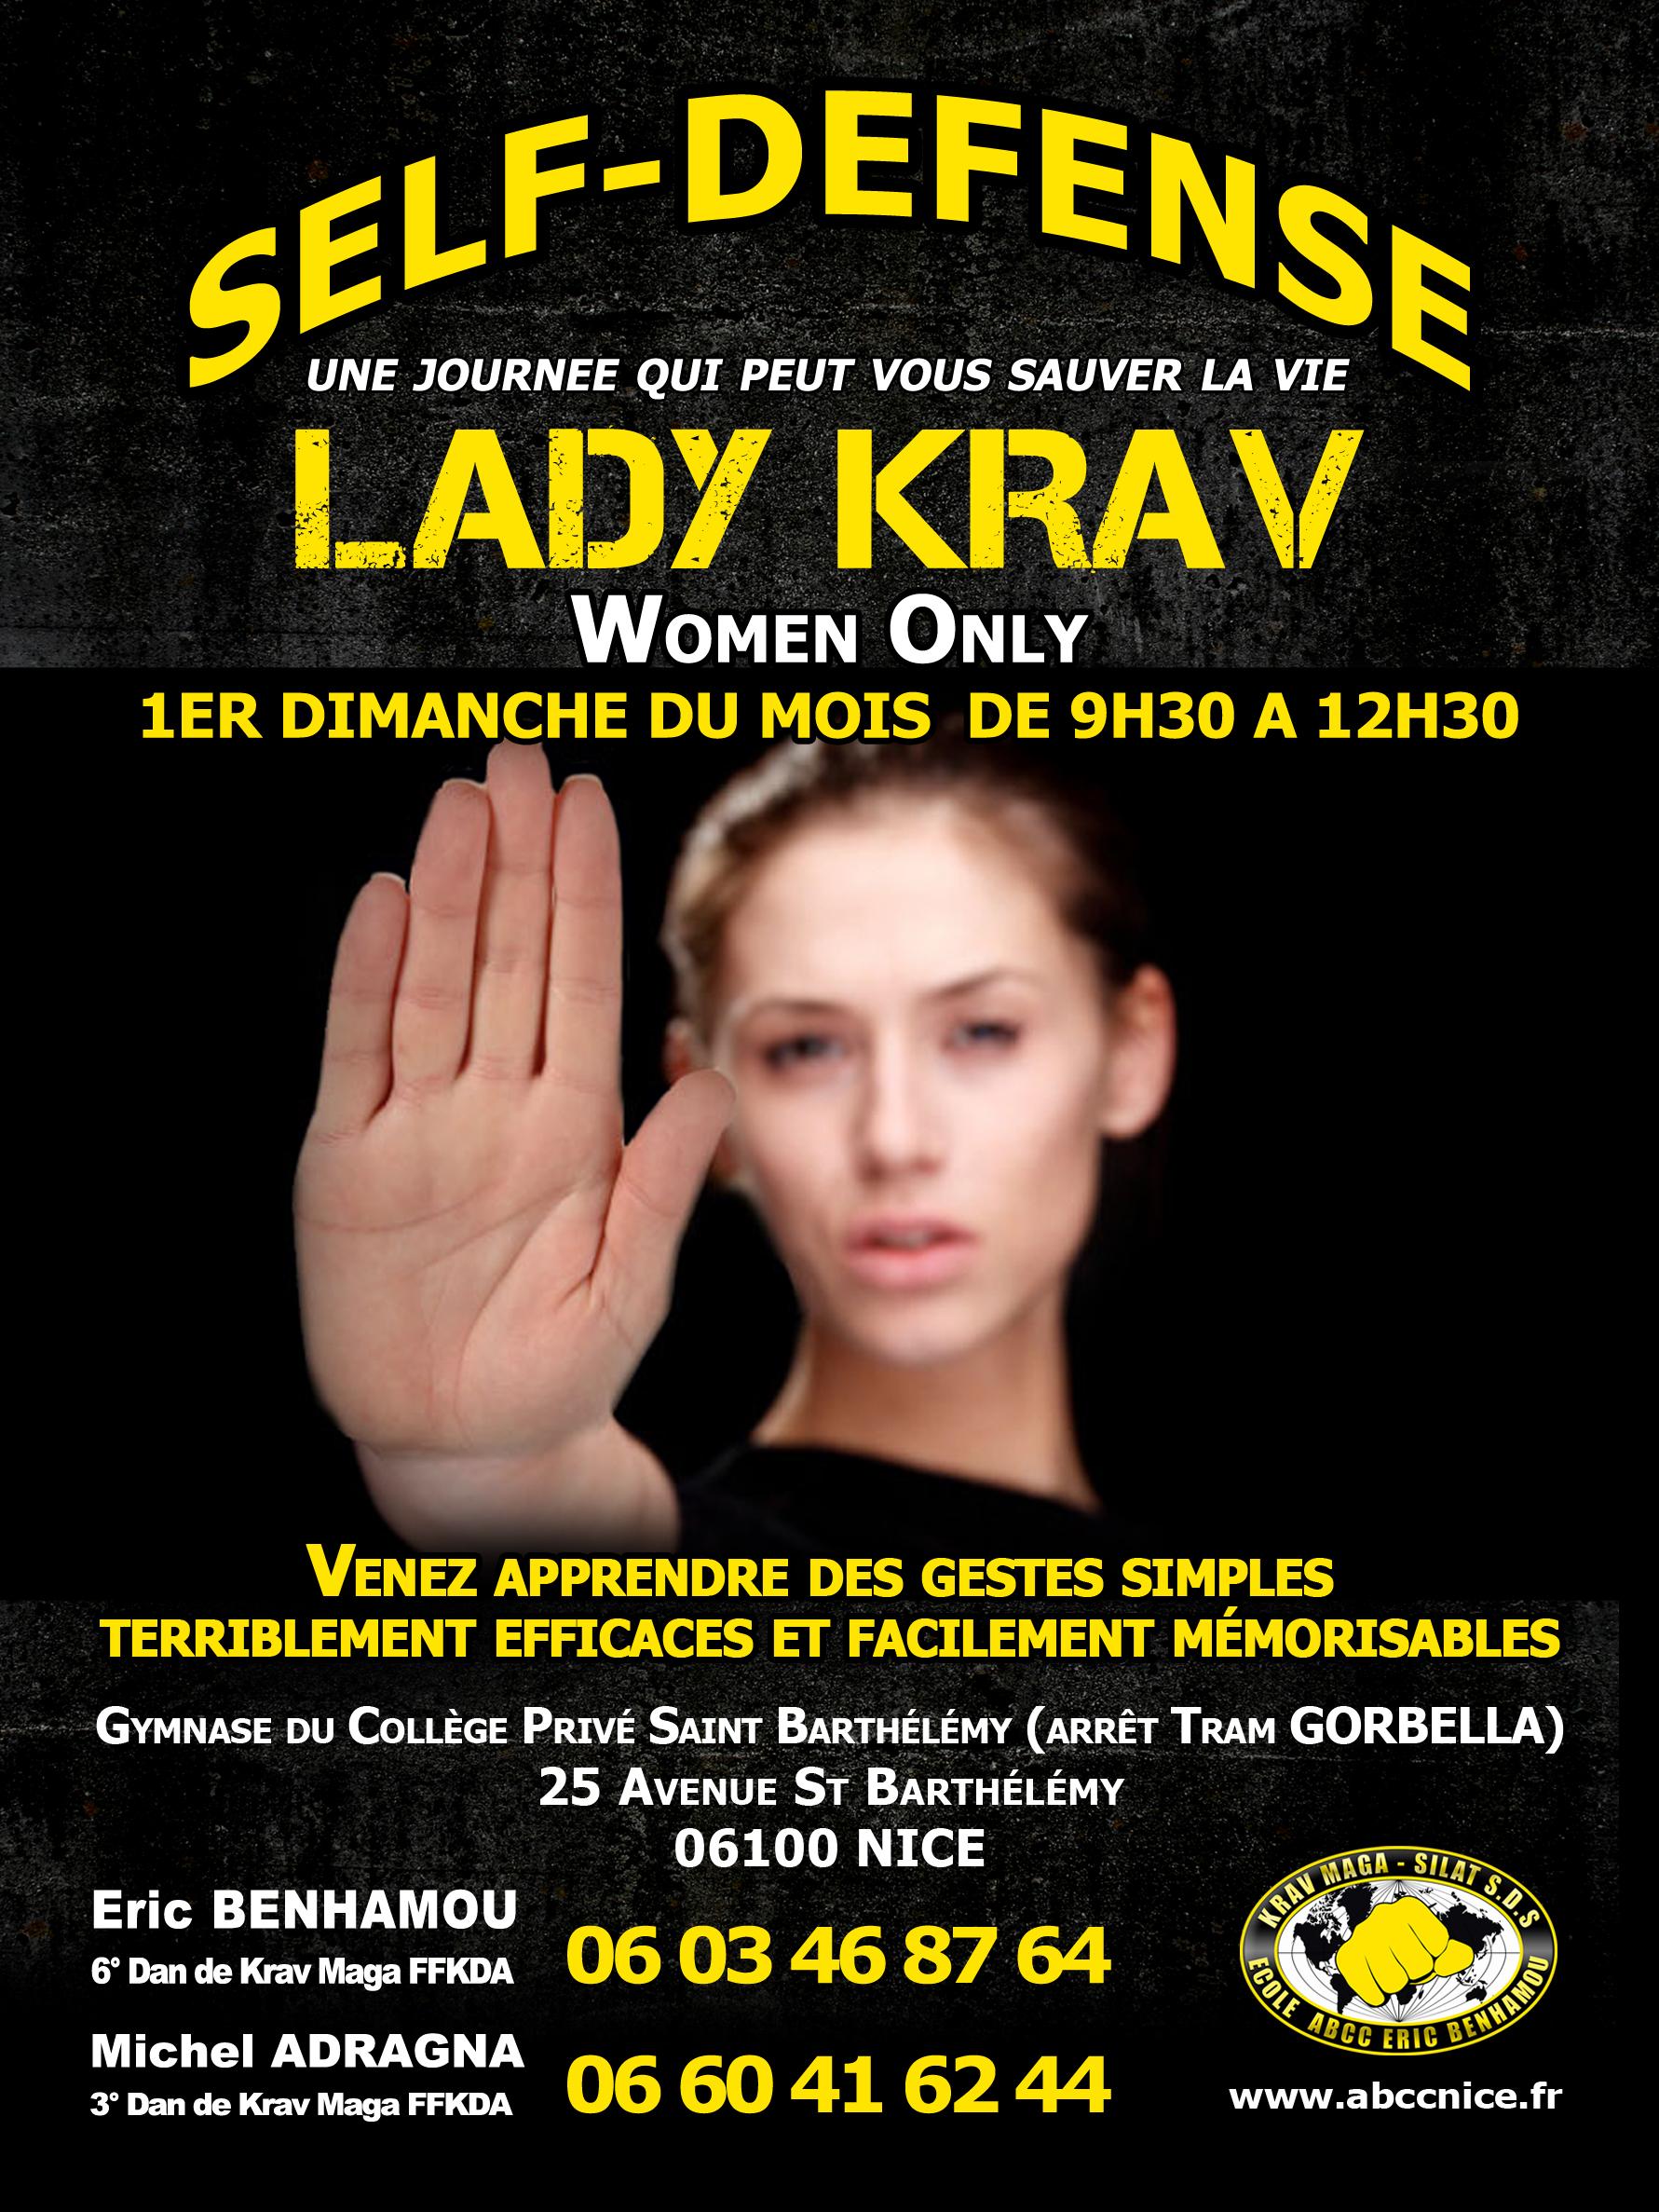 ABCC Lady Krav - Self-Defense pour les femmes